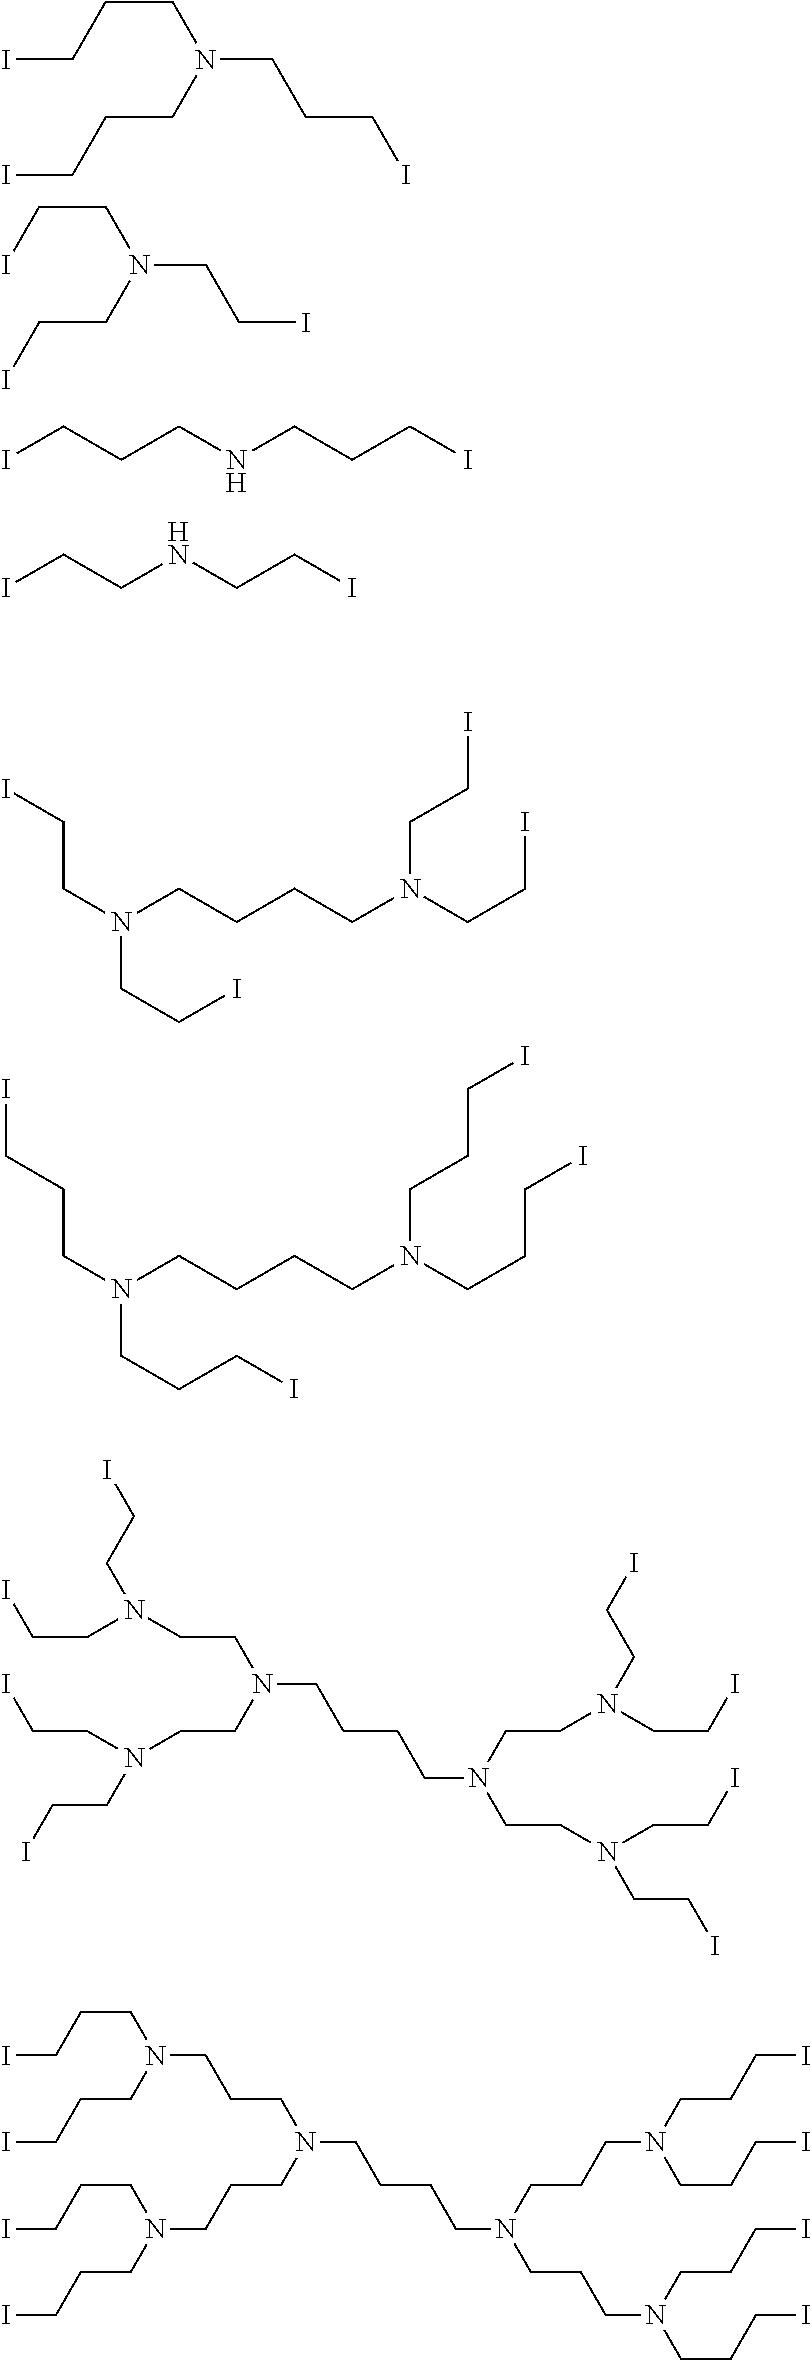 Figure US20110142952A1-20110616-C00062